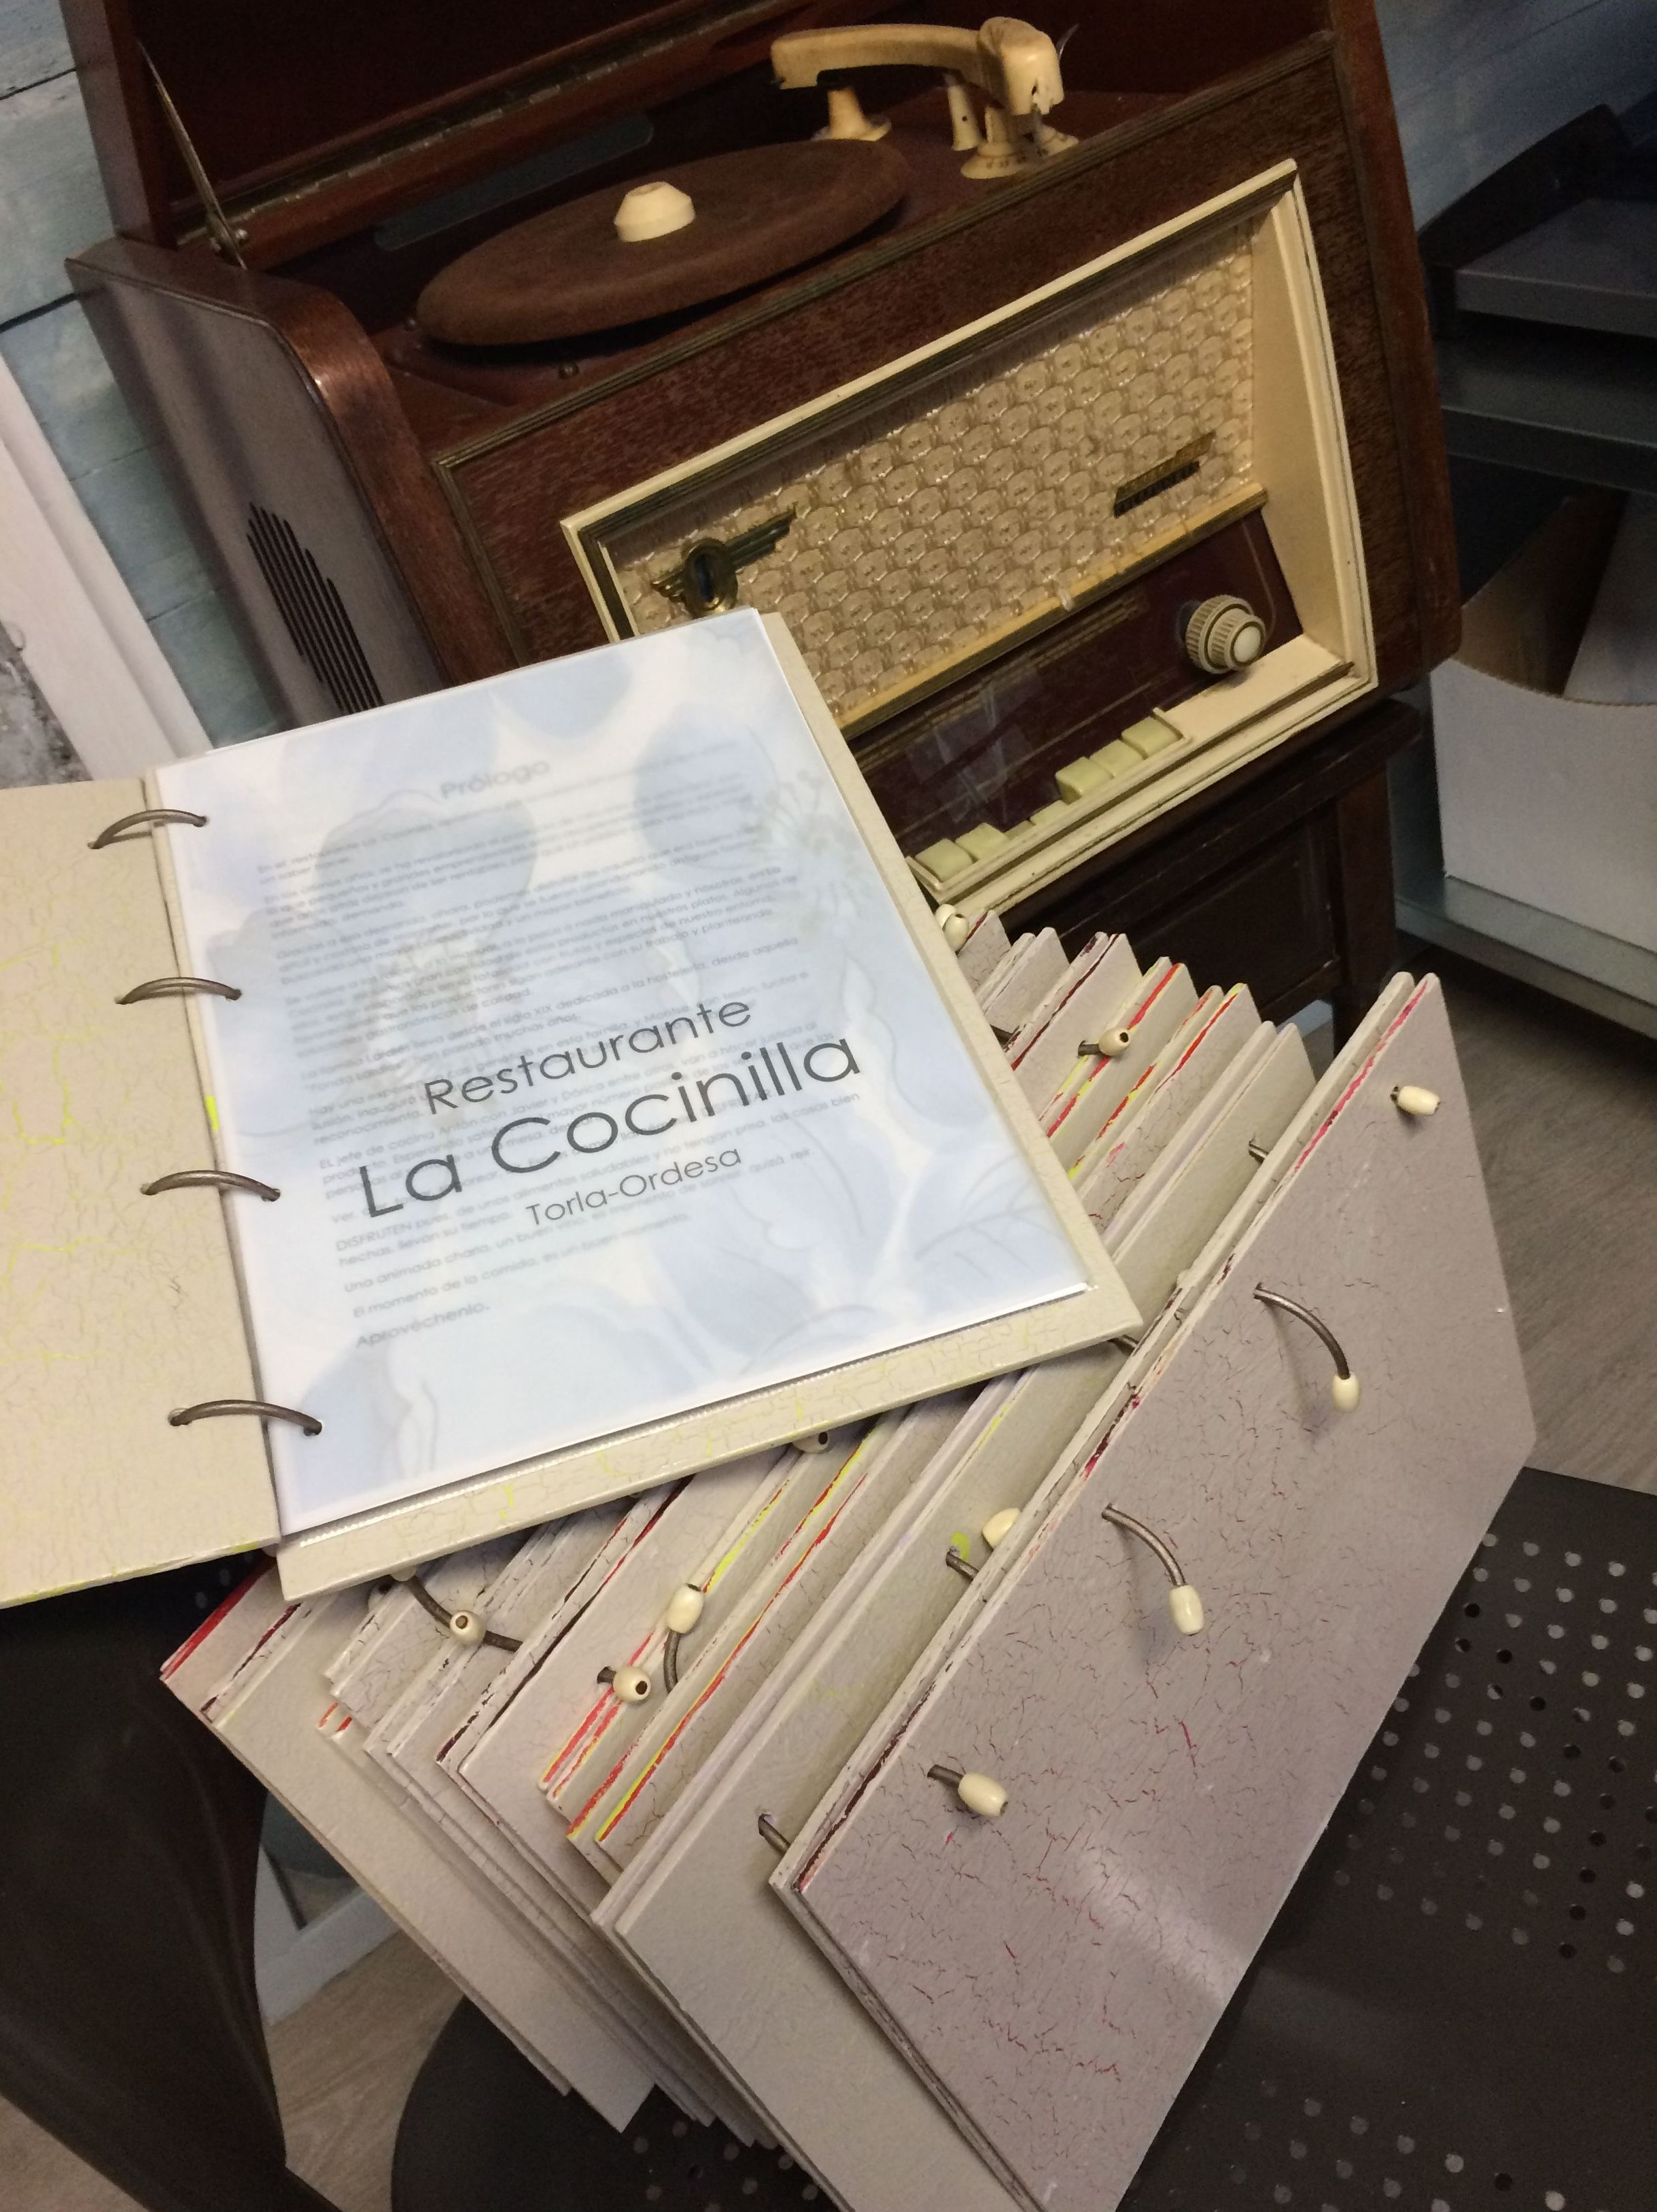 Cartas primavera-verano del Restaurante La Cocinilla.